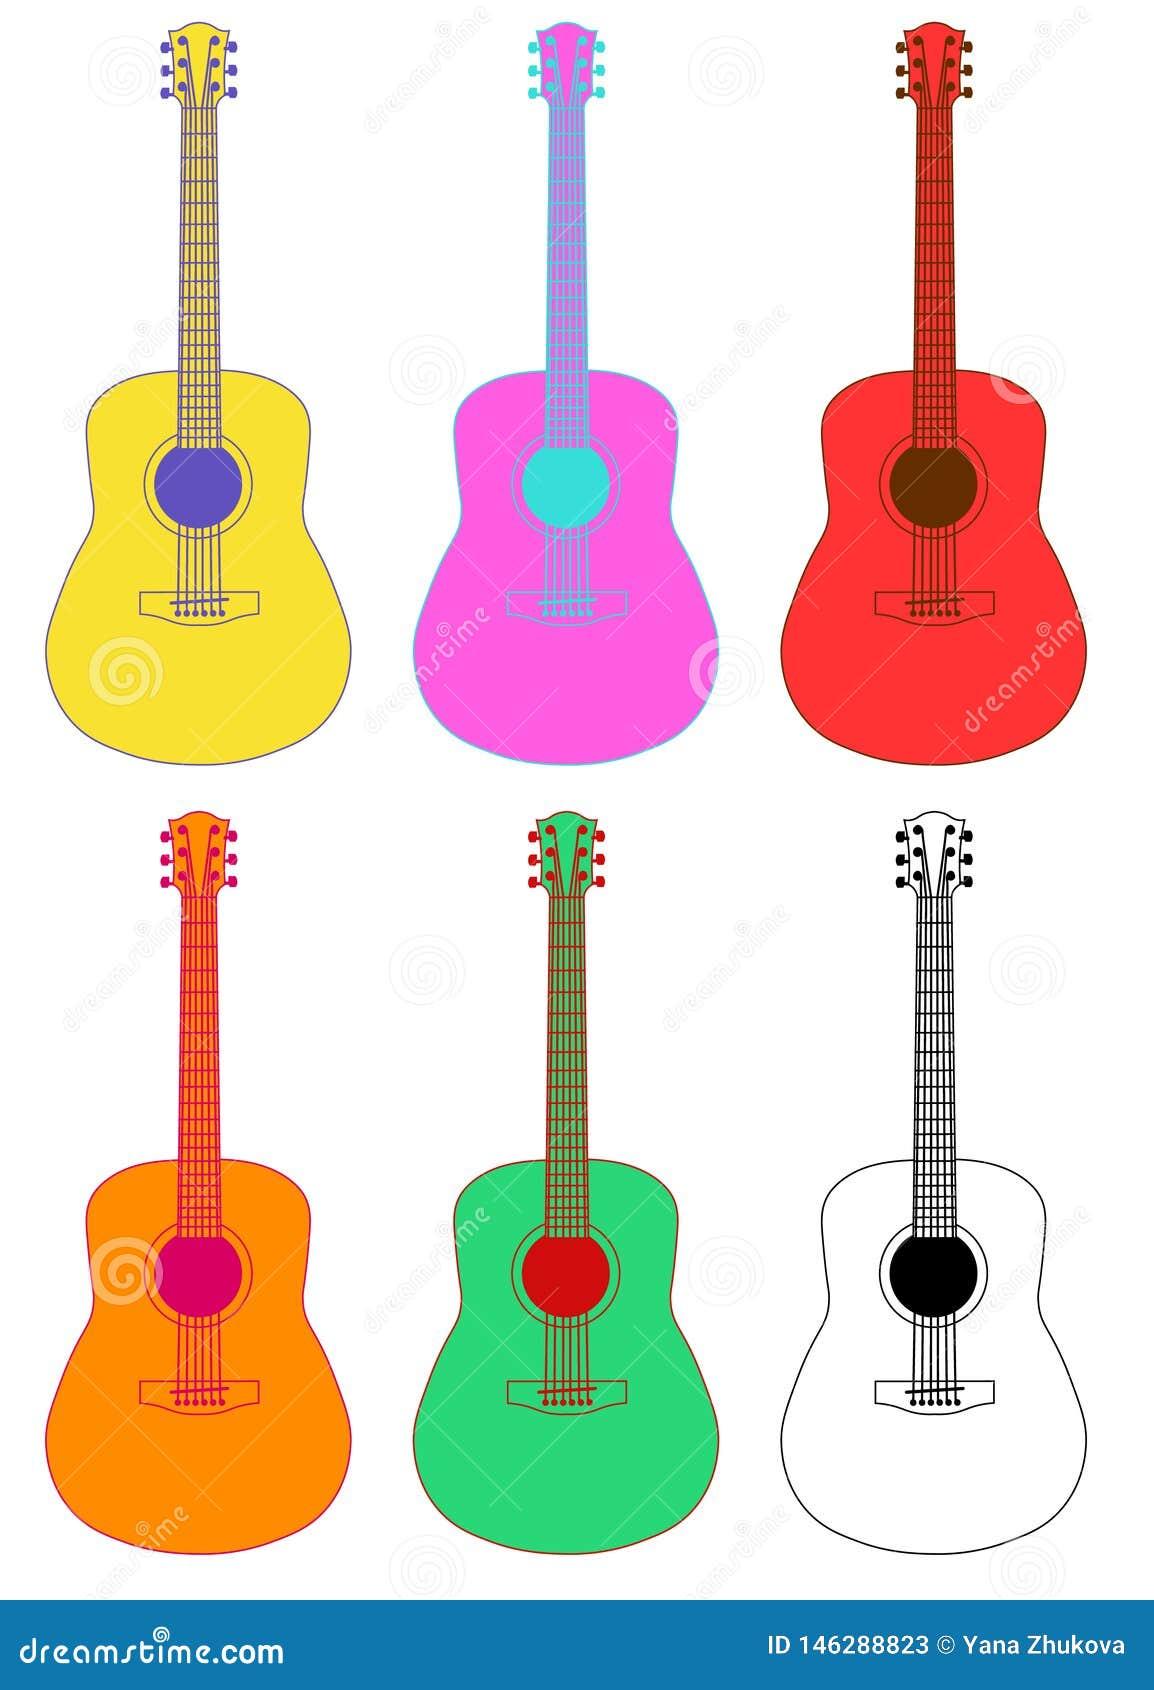 Muzikale instrumentengitaar kleurrijk op witte vlakke achtergrondmuziek